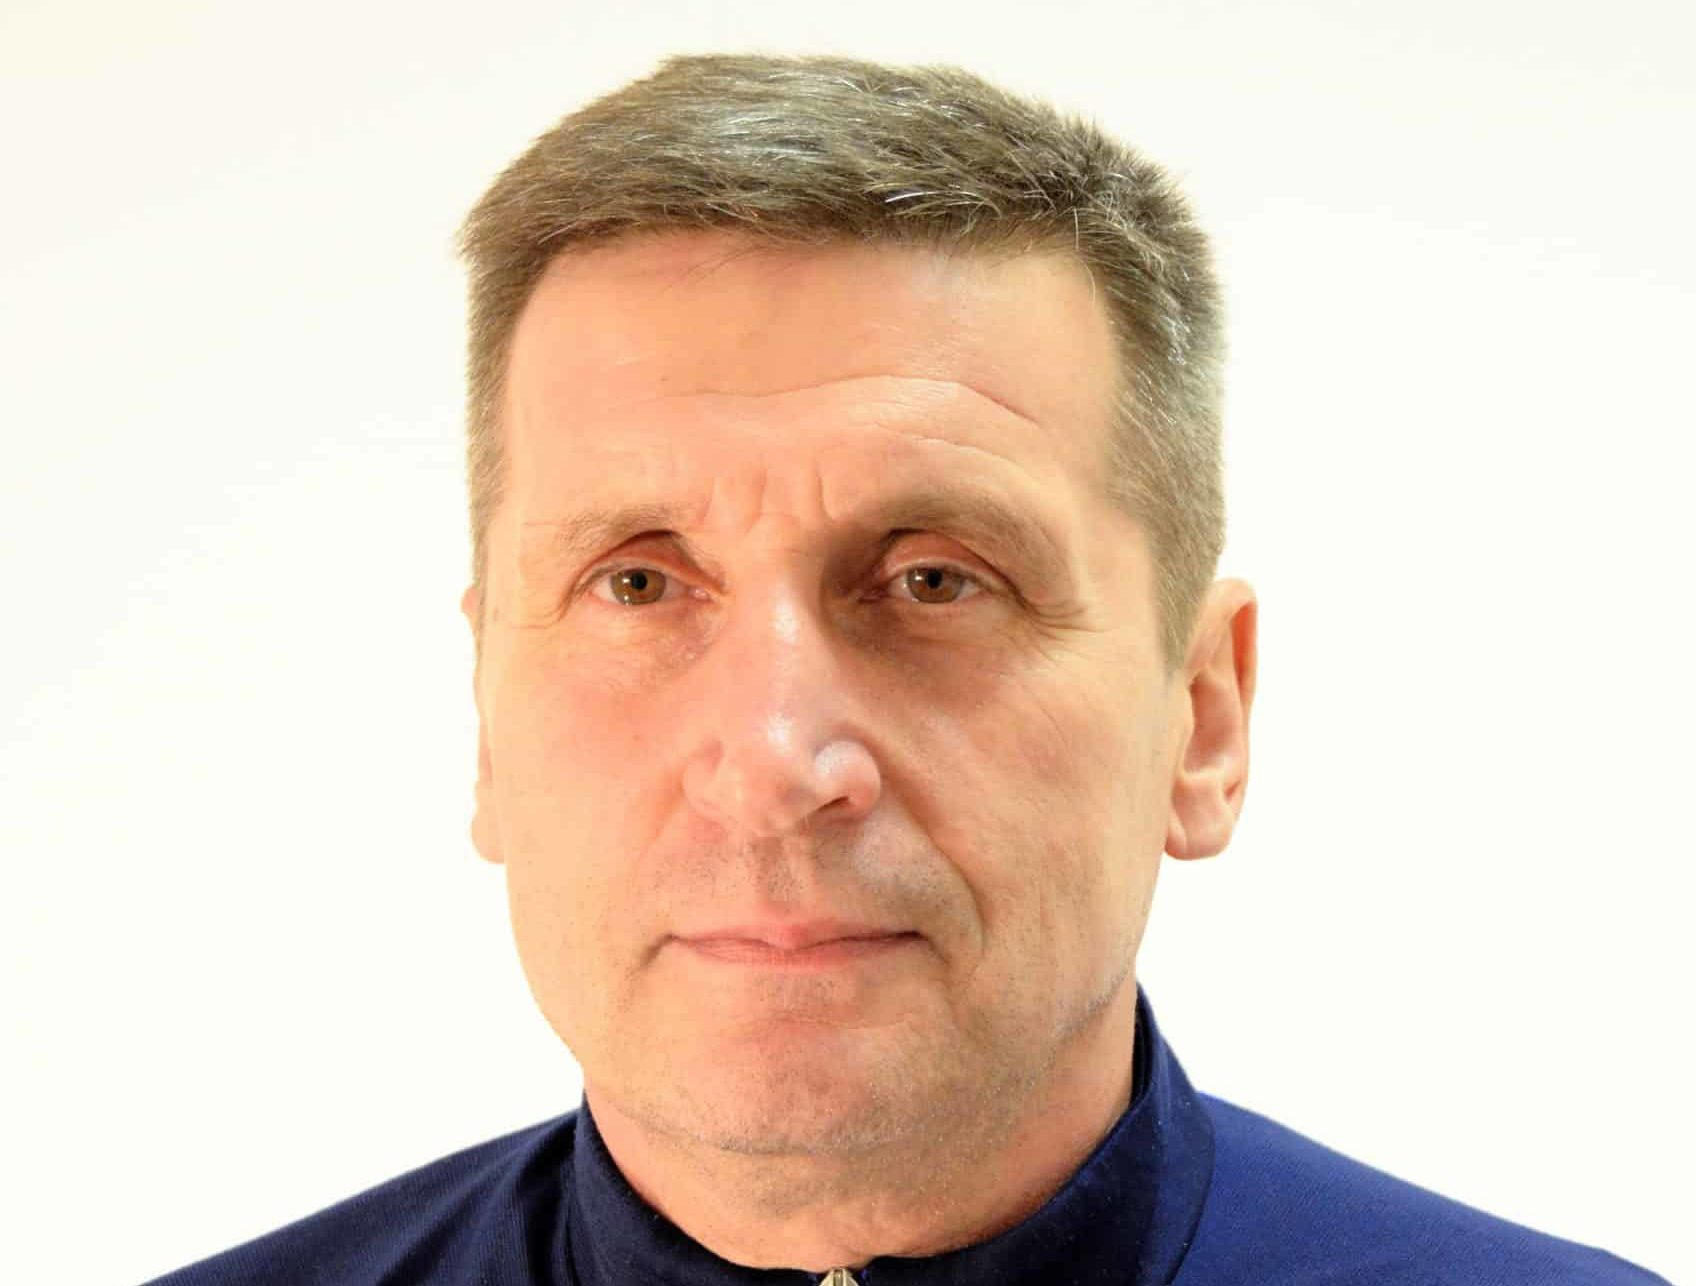 Trenér Smrček: Fotbal ke Krumlovu patří. Jsem rád jeho součástí